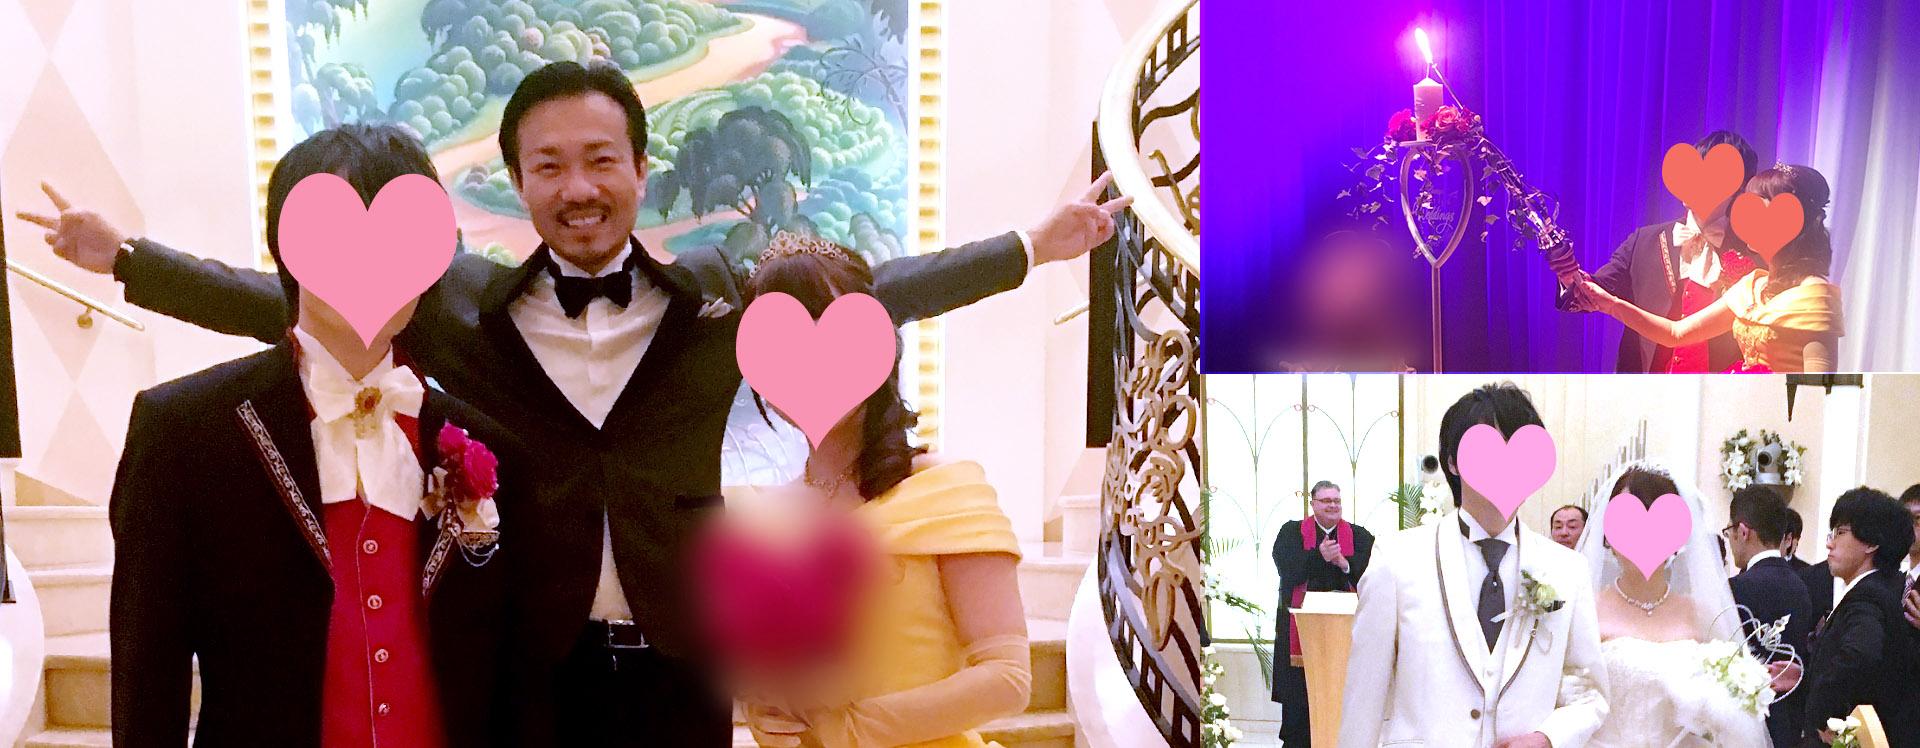 井上敬一のシークレット婚活塾卒業生の結婚式